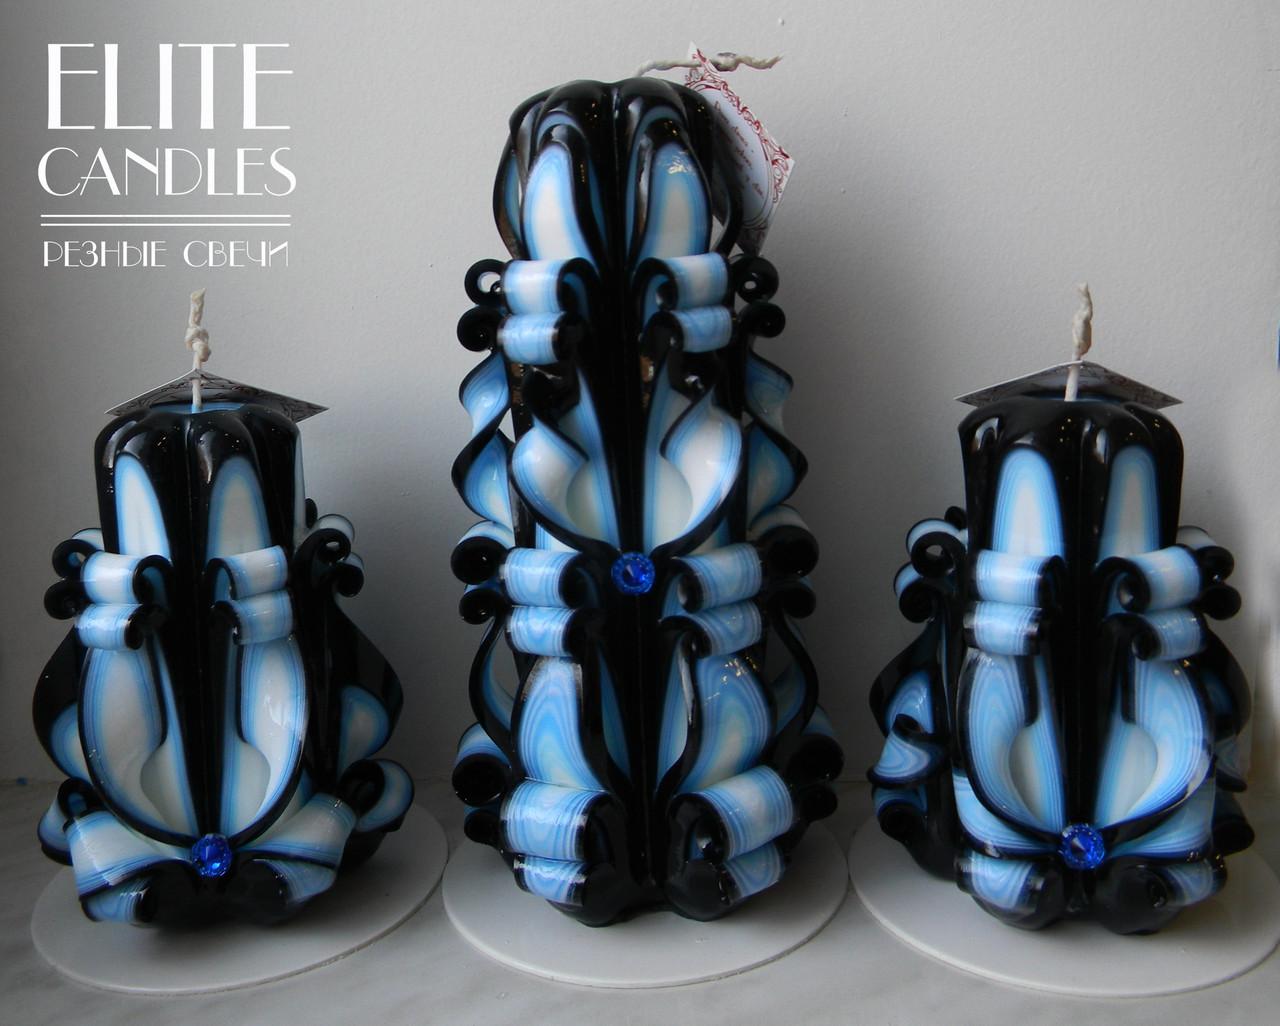 Набор интерьерных свечей, оригинальные необычные цвета - ELITE CANDLES  Интернет-магазин подарков и декора a788c42b92c